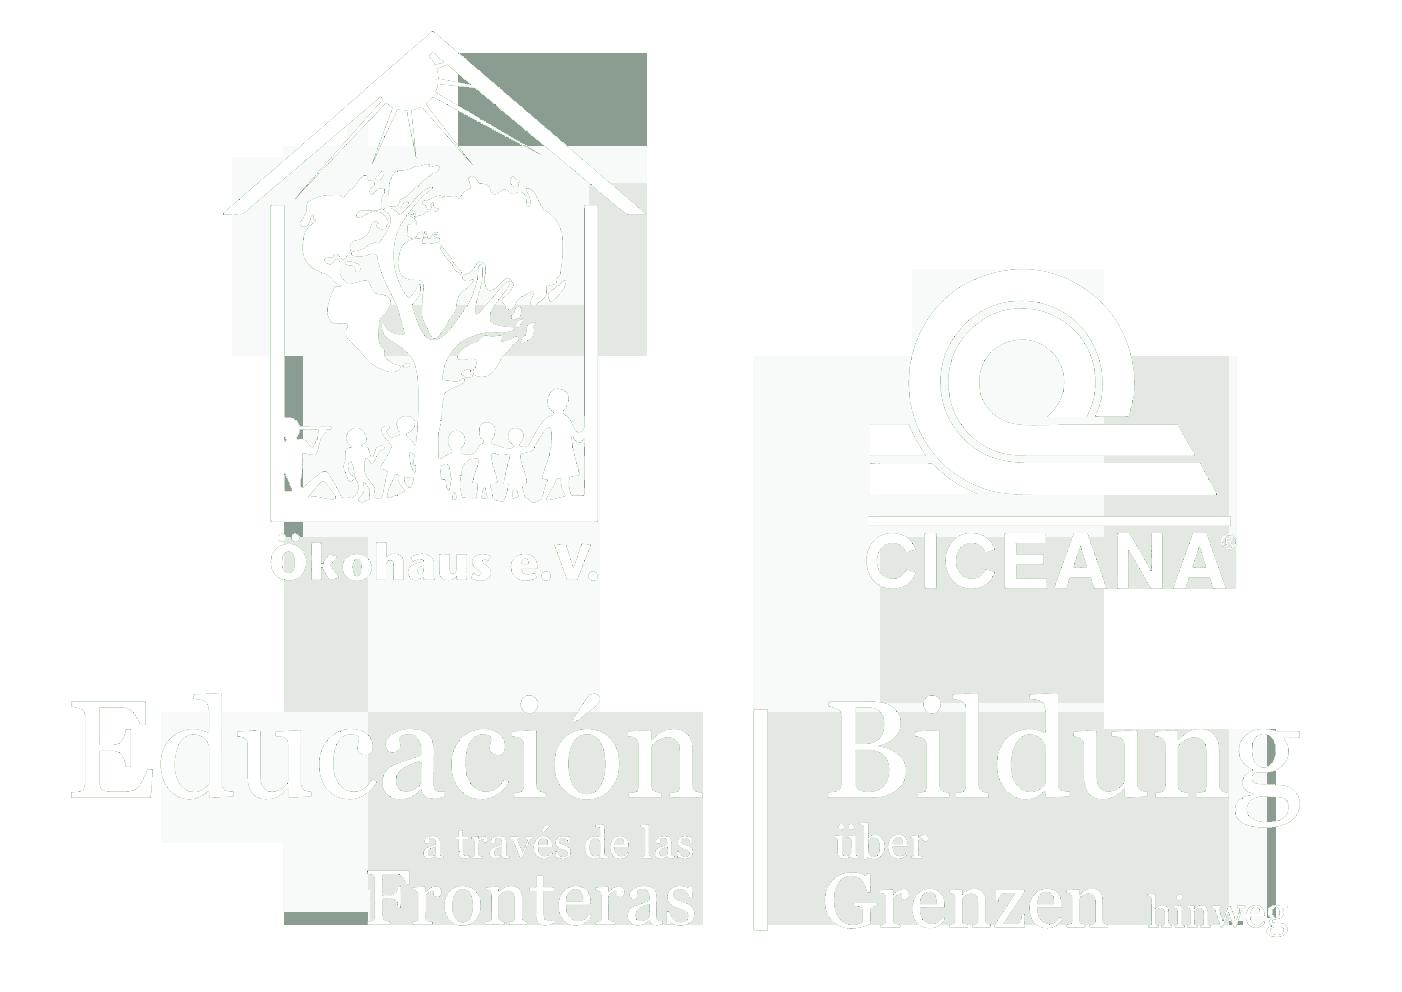 Educación a través de las fronteras